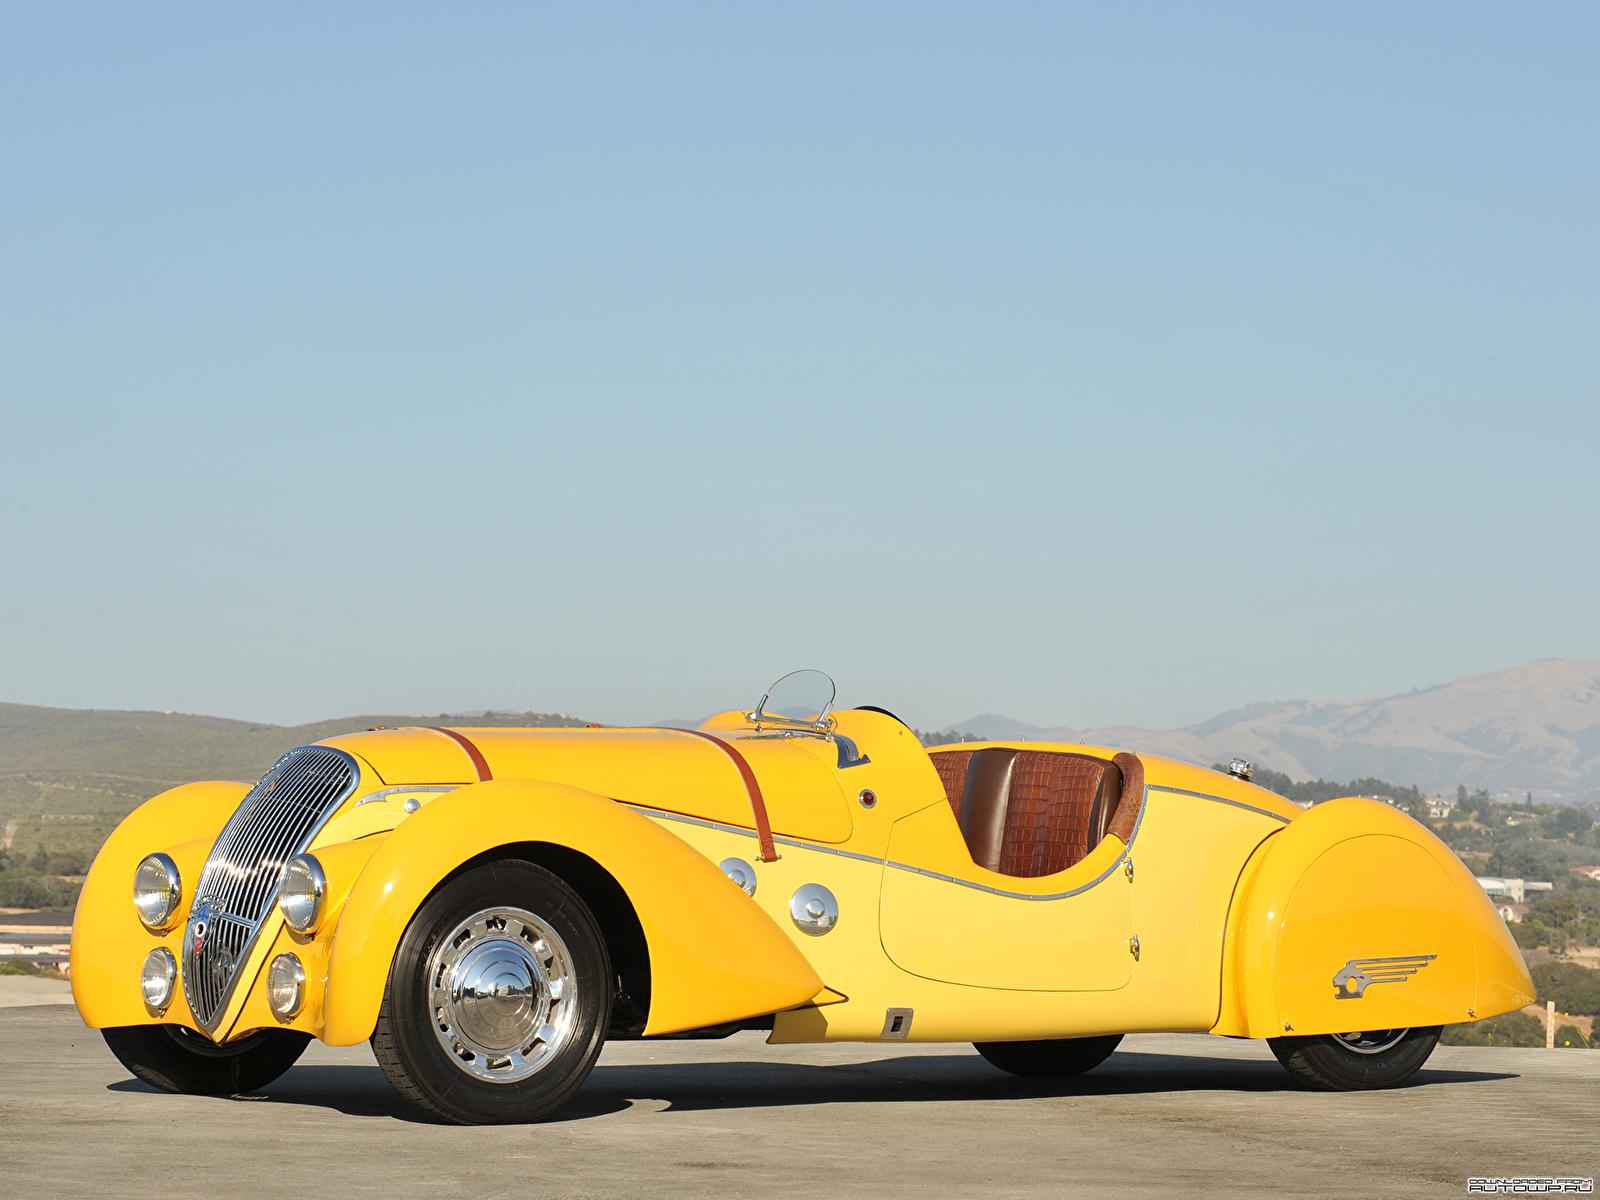 Картинки Peugeot Darlmat 402 Pourtout Roadster 1938 Родстер Автомобили 1600x1200 Пежо авто машина машины автомобиль